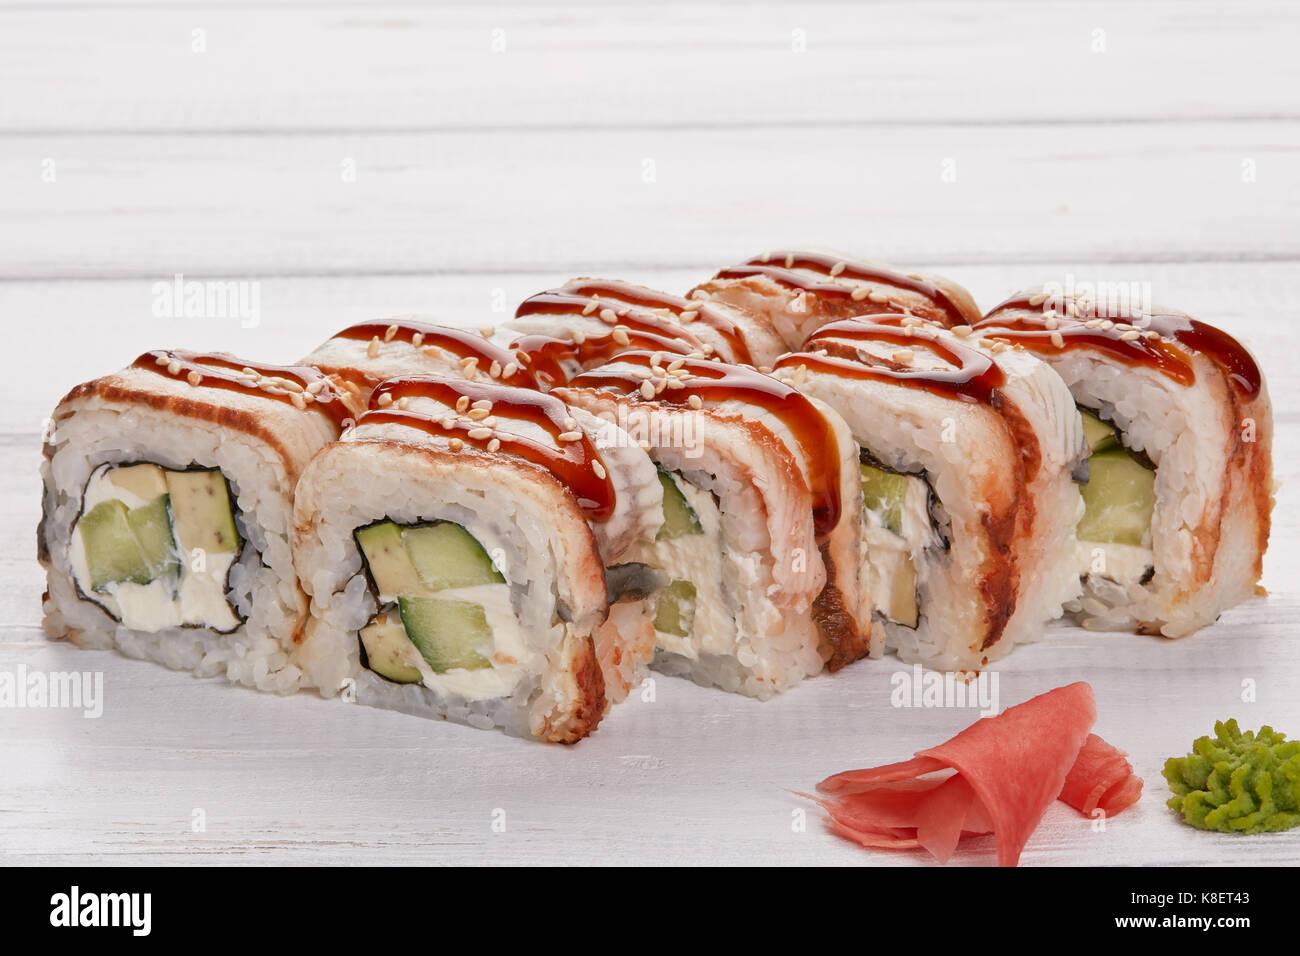 Sushi Menu Stock Photos & Sushi Menu Stock Images - Alamy